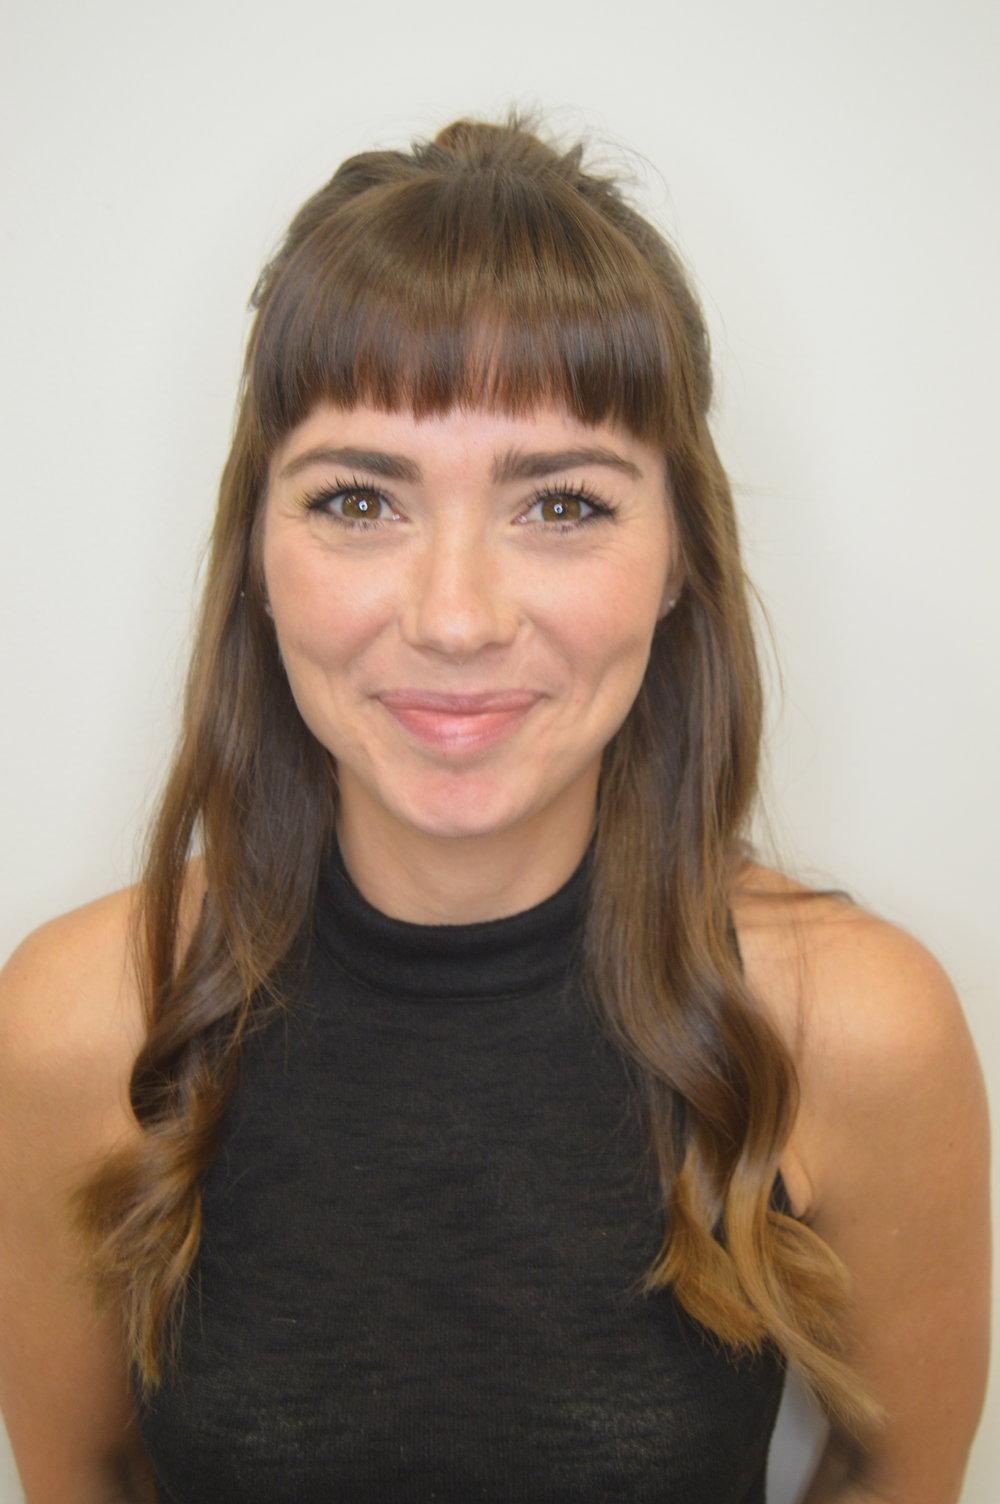 Amanda Ulrich